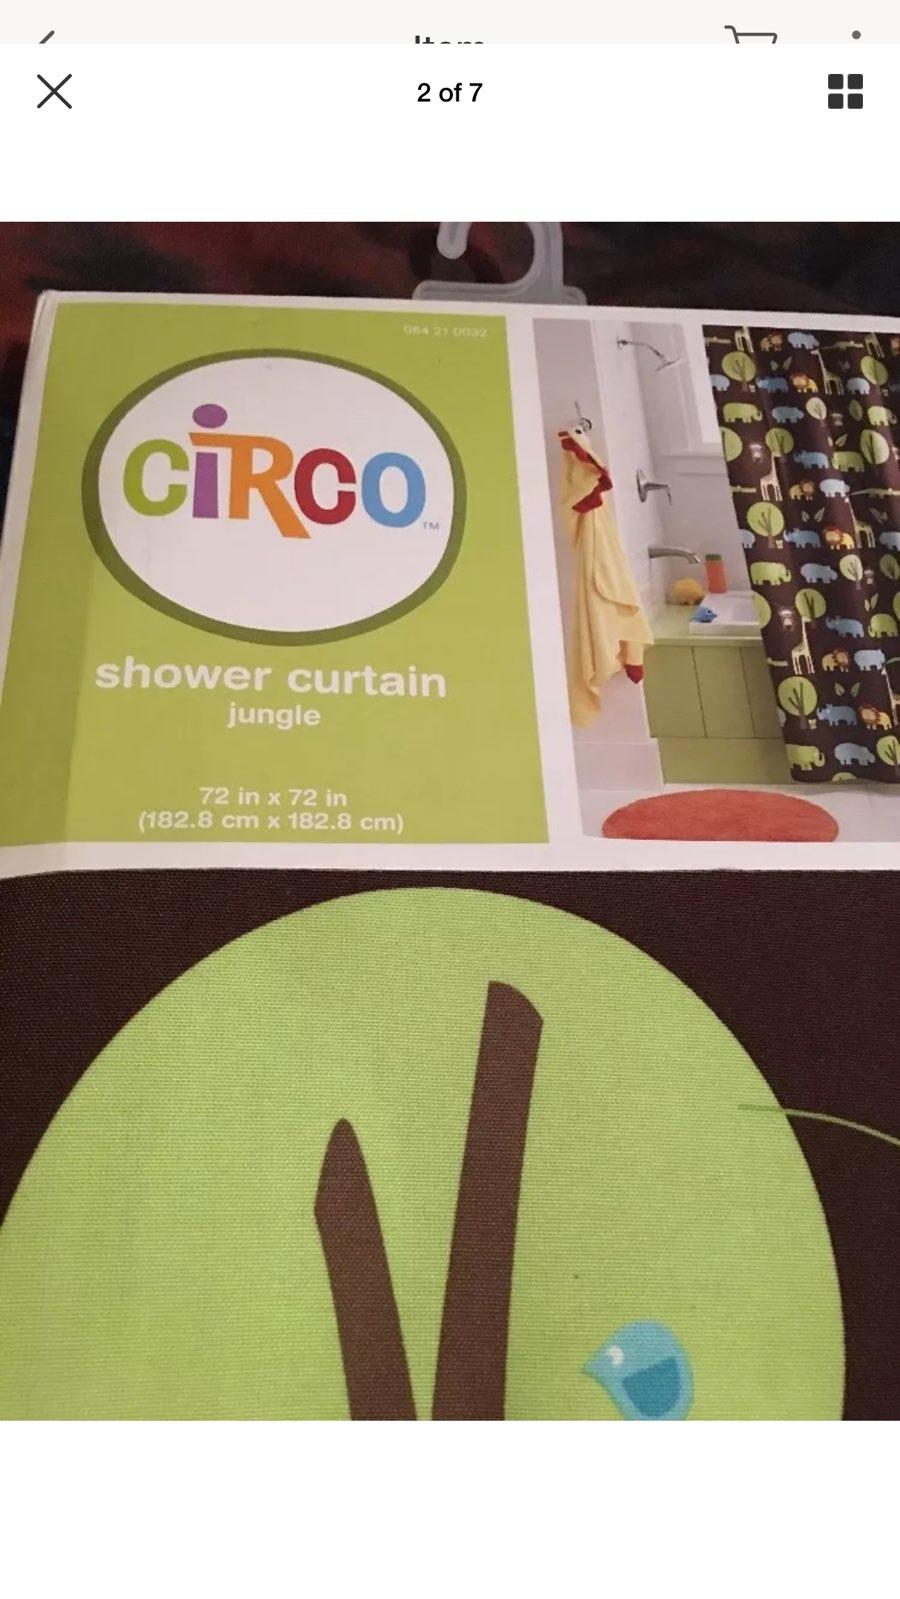 Circo Jungle Collection Animal Print